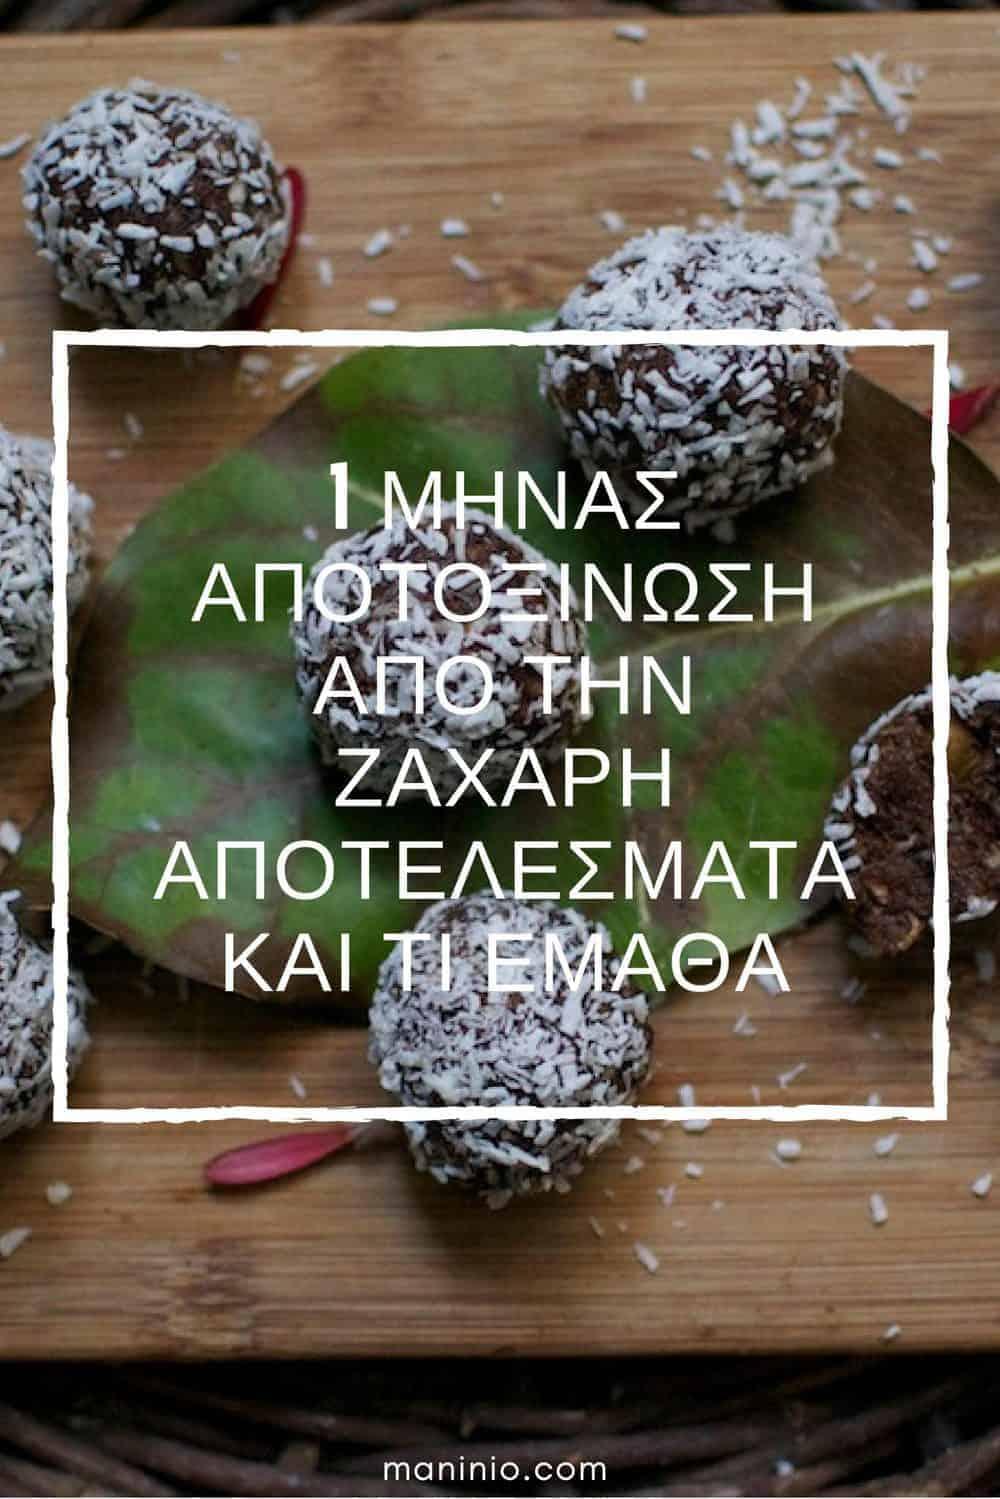 1 μήνας αποτοξίνωση από την ζάχαρη | Αποτελέσματα. maninio.com